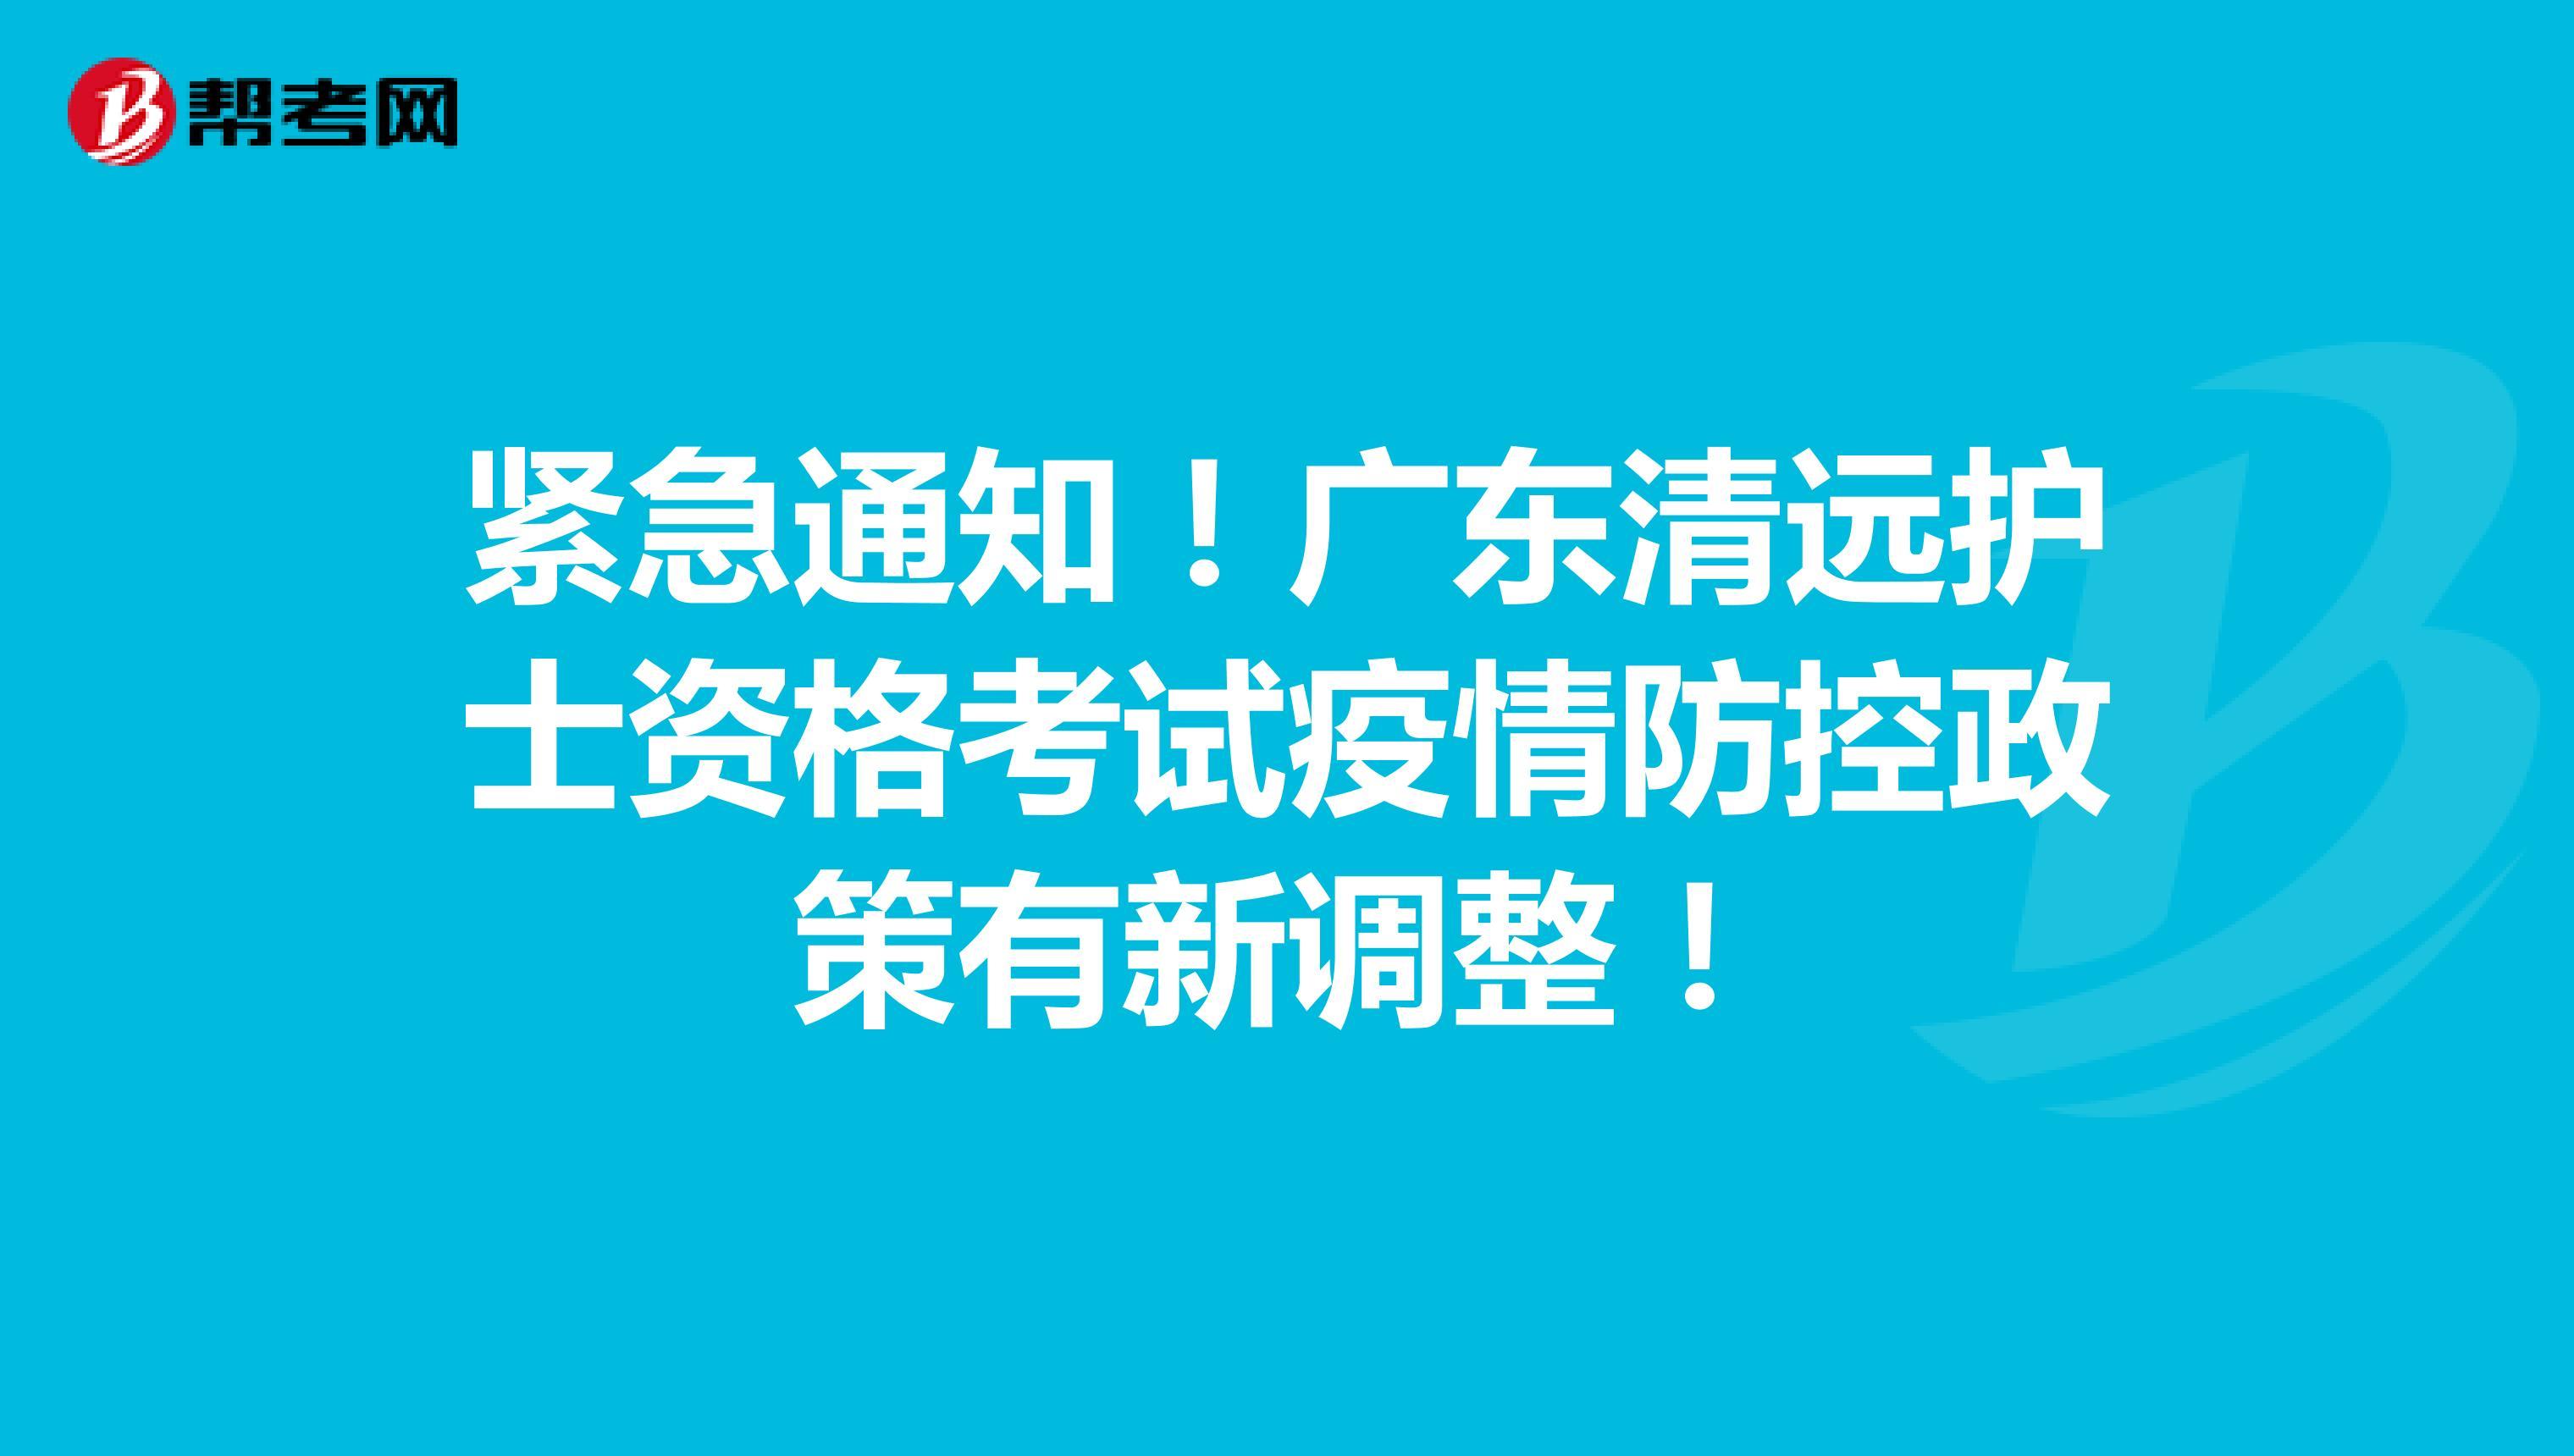 紧急通知!广东清远护士资格考试疫情防控政策有新调整!